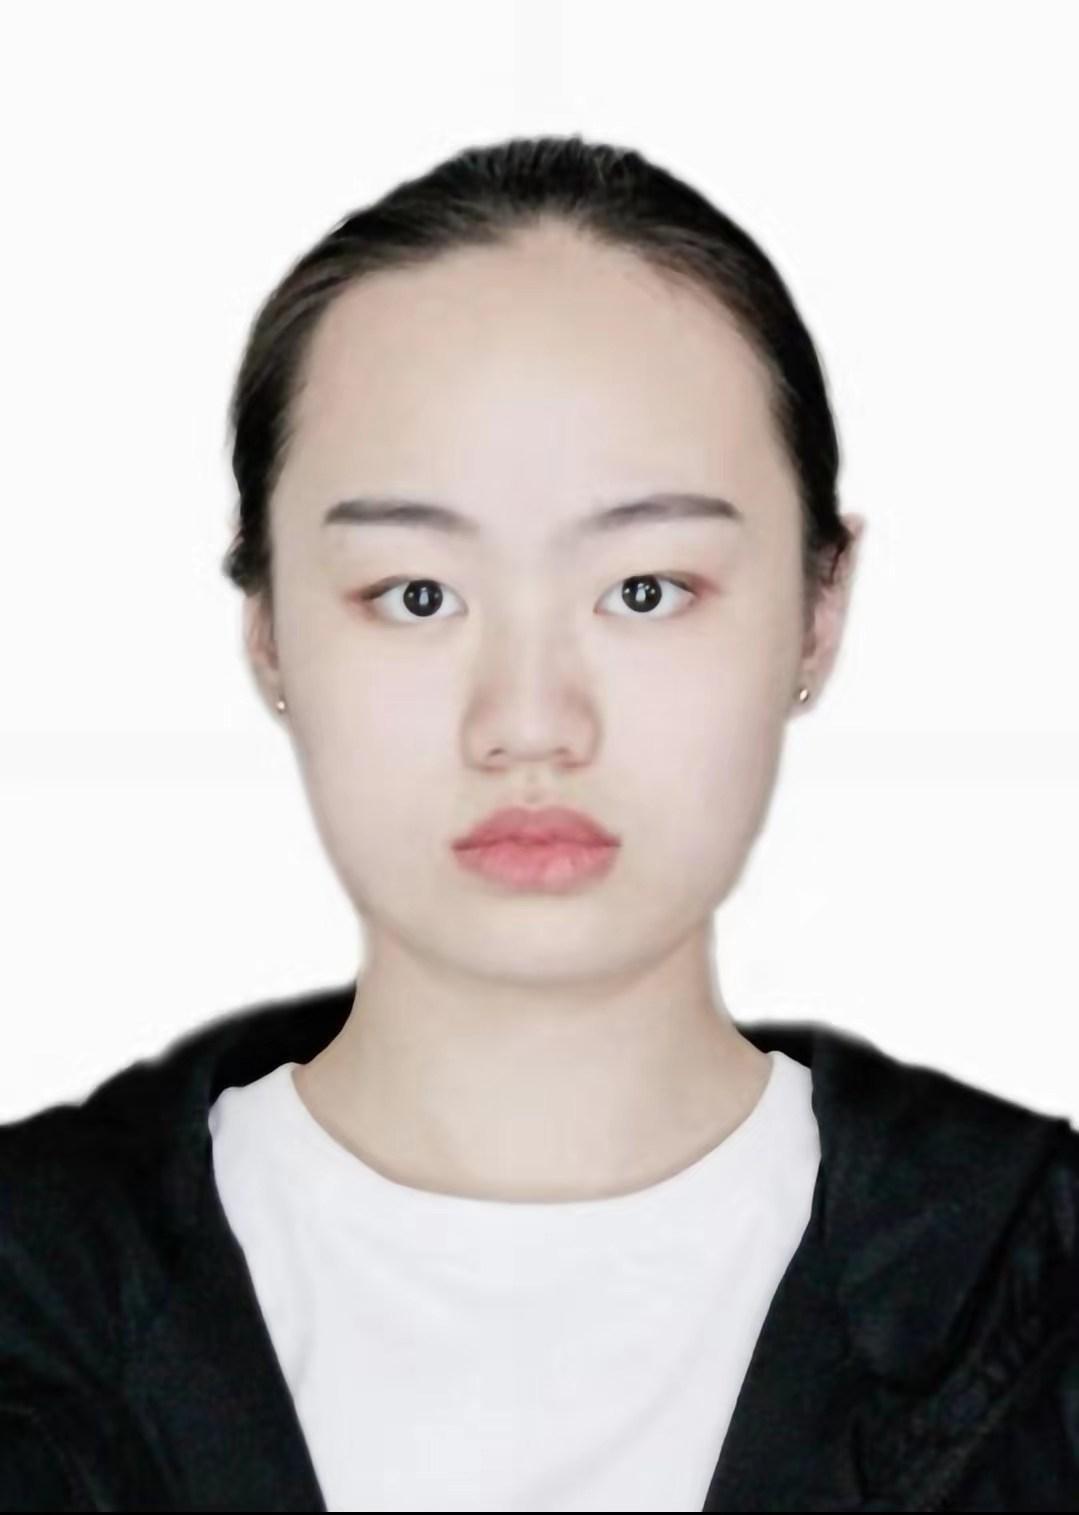 北京家教蒋教员